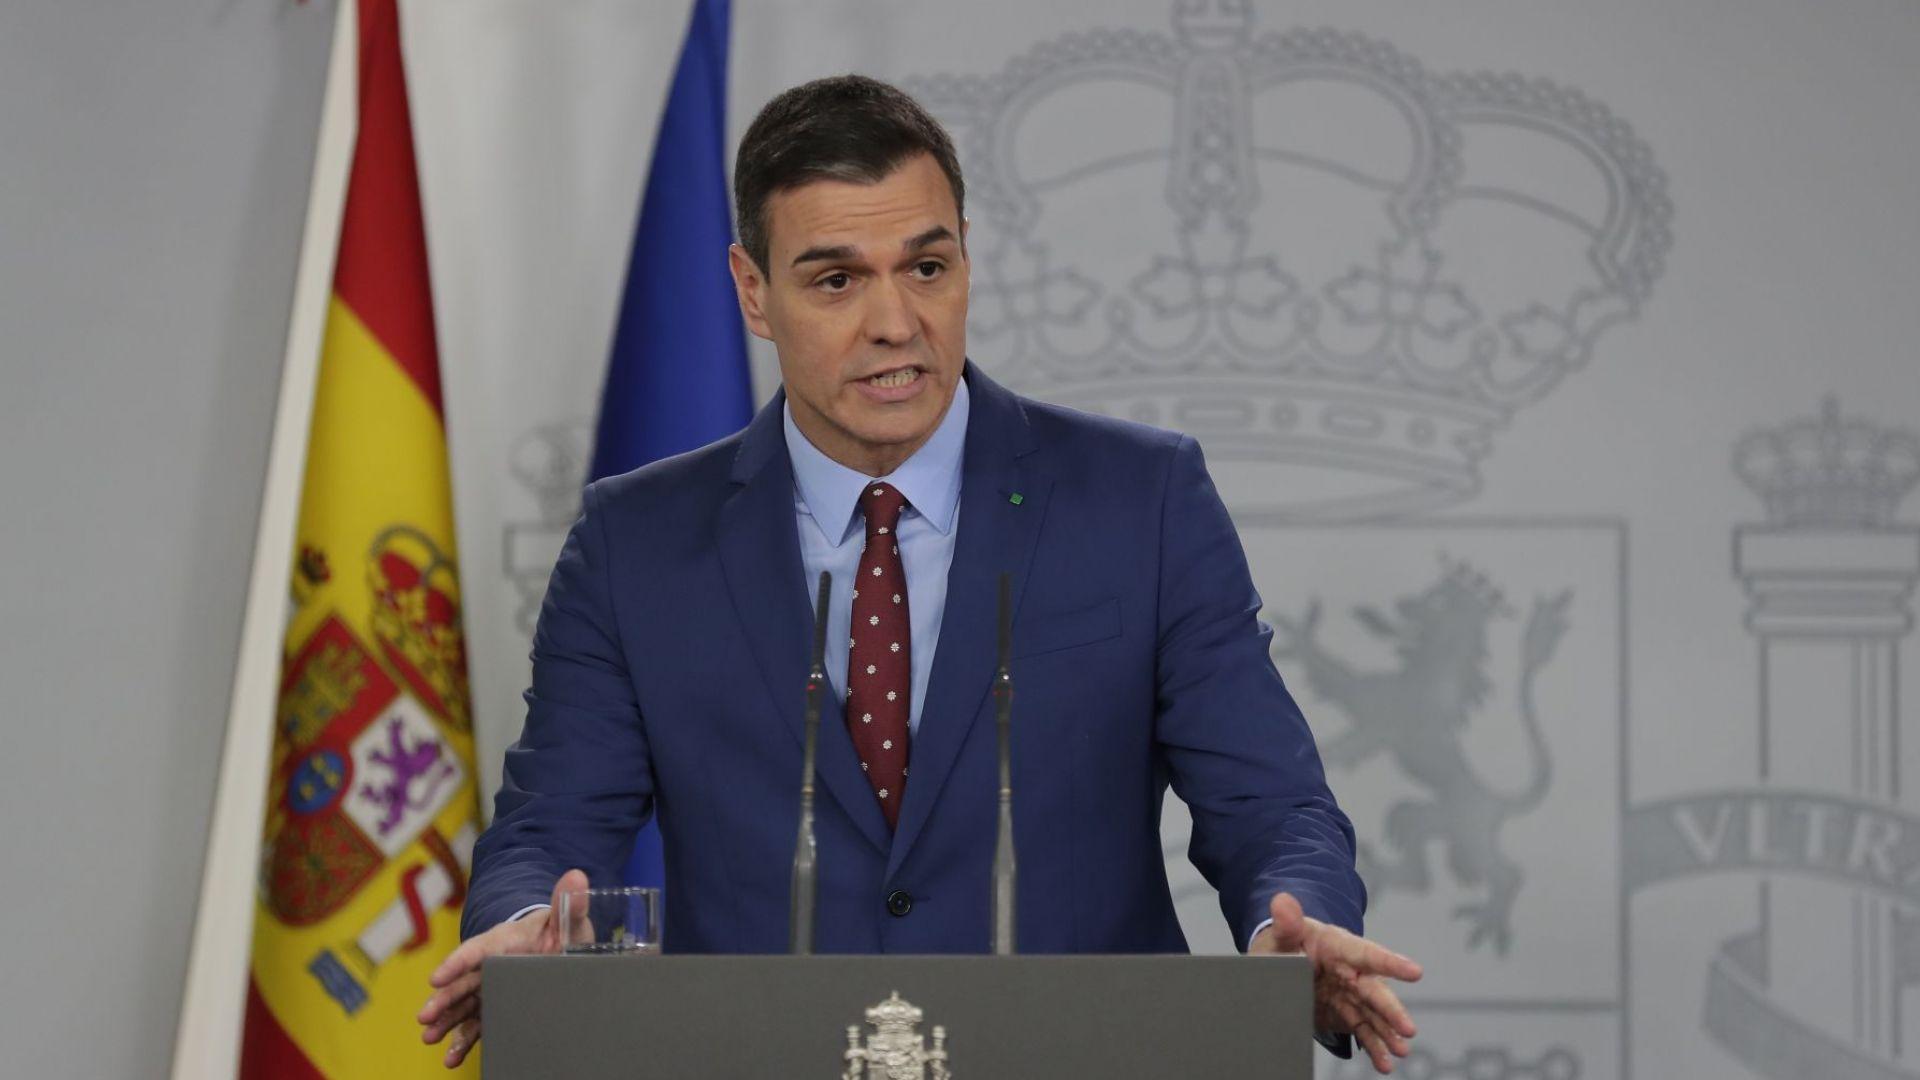 Санчес представи новия си кабинет от 22-ма министри